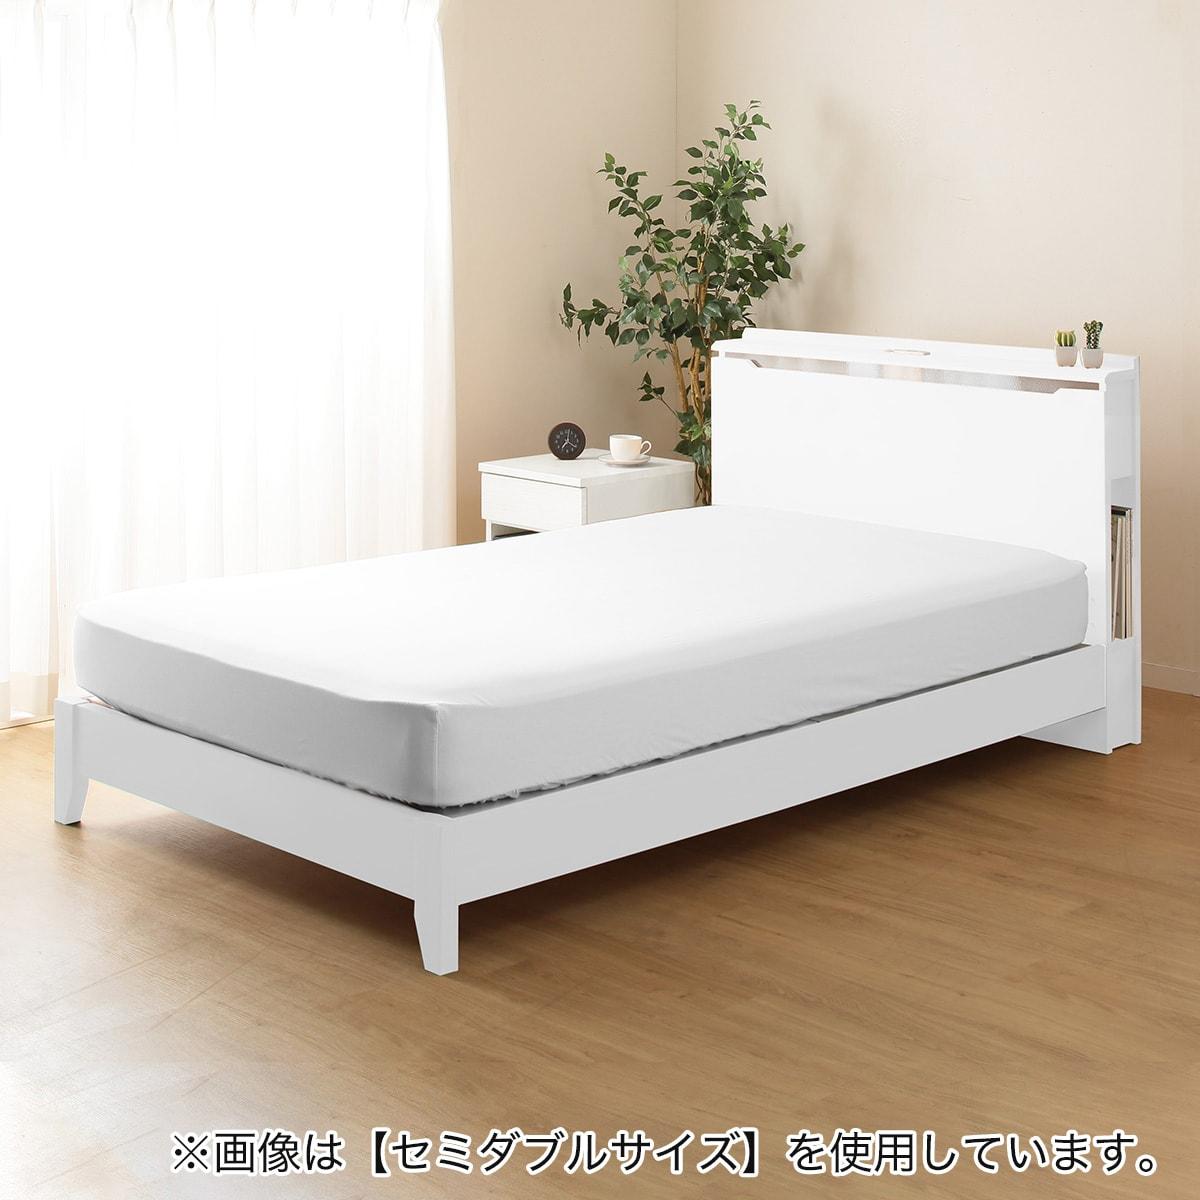 シングル棚付フレーム(コンソン WH LEG) ニトリ 【配送員設置】 【5年保証】